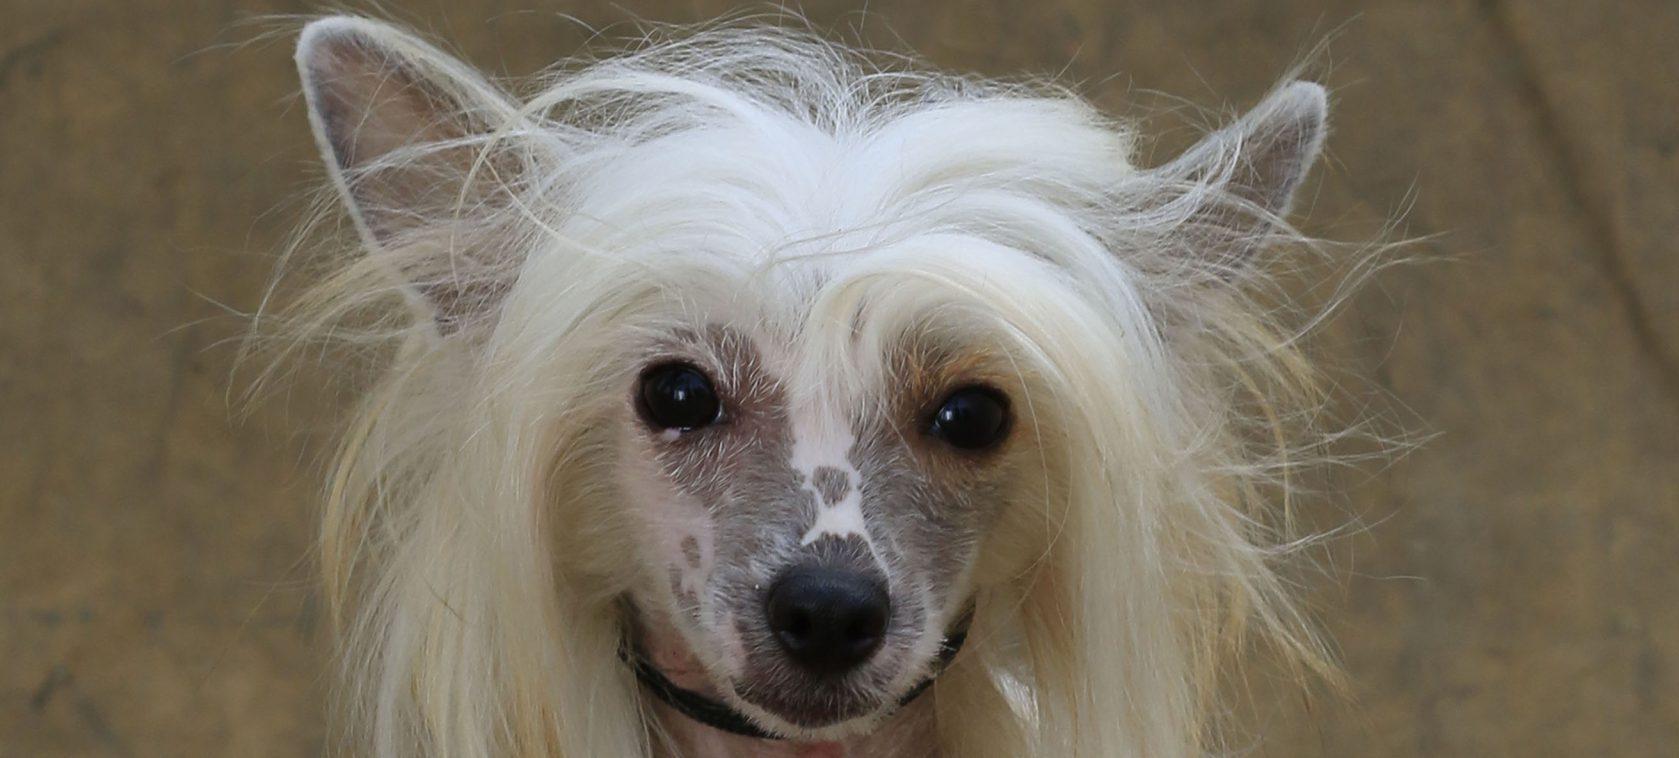 Cães selecionados para cinoterapia, companhia e exposição de beleza.